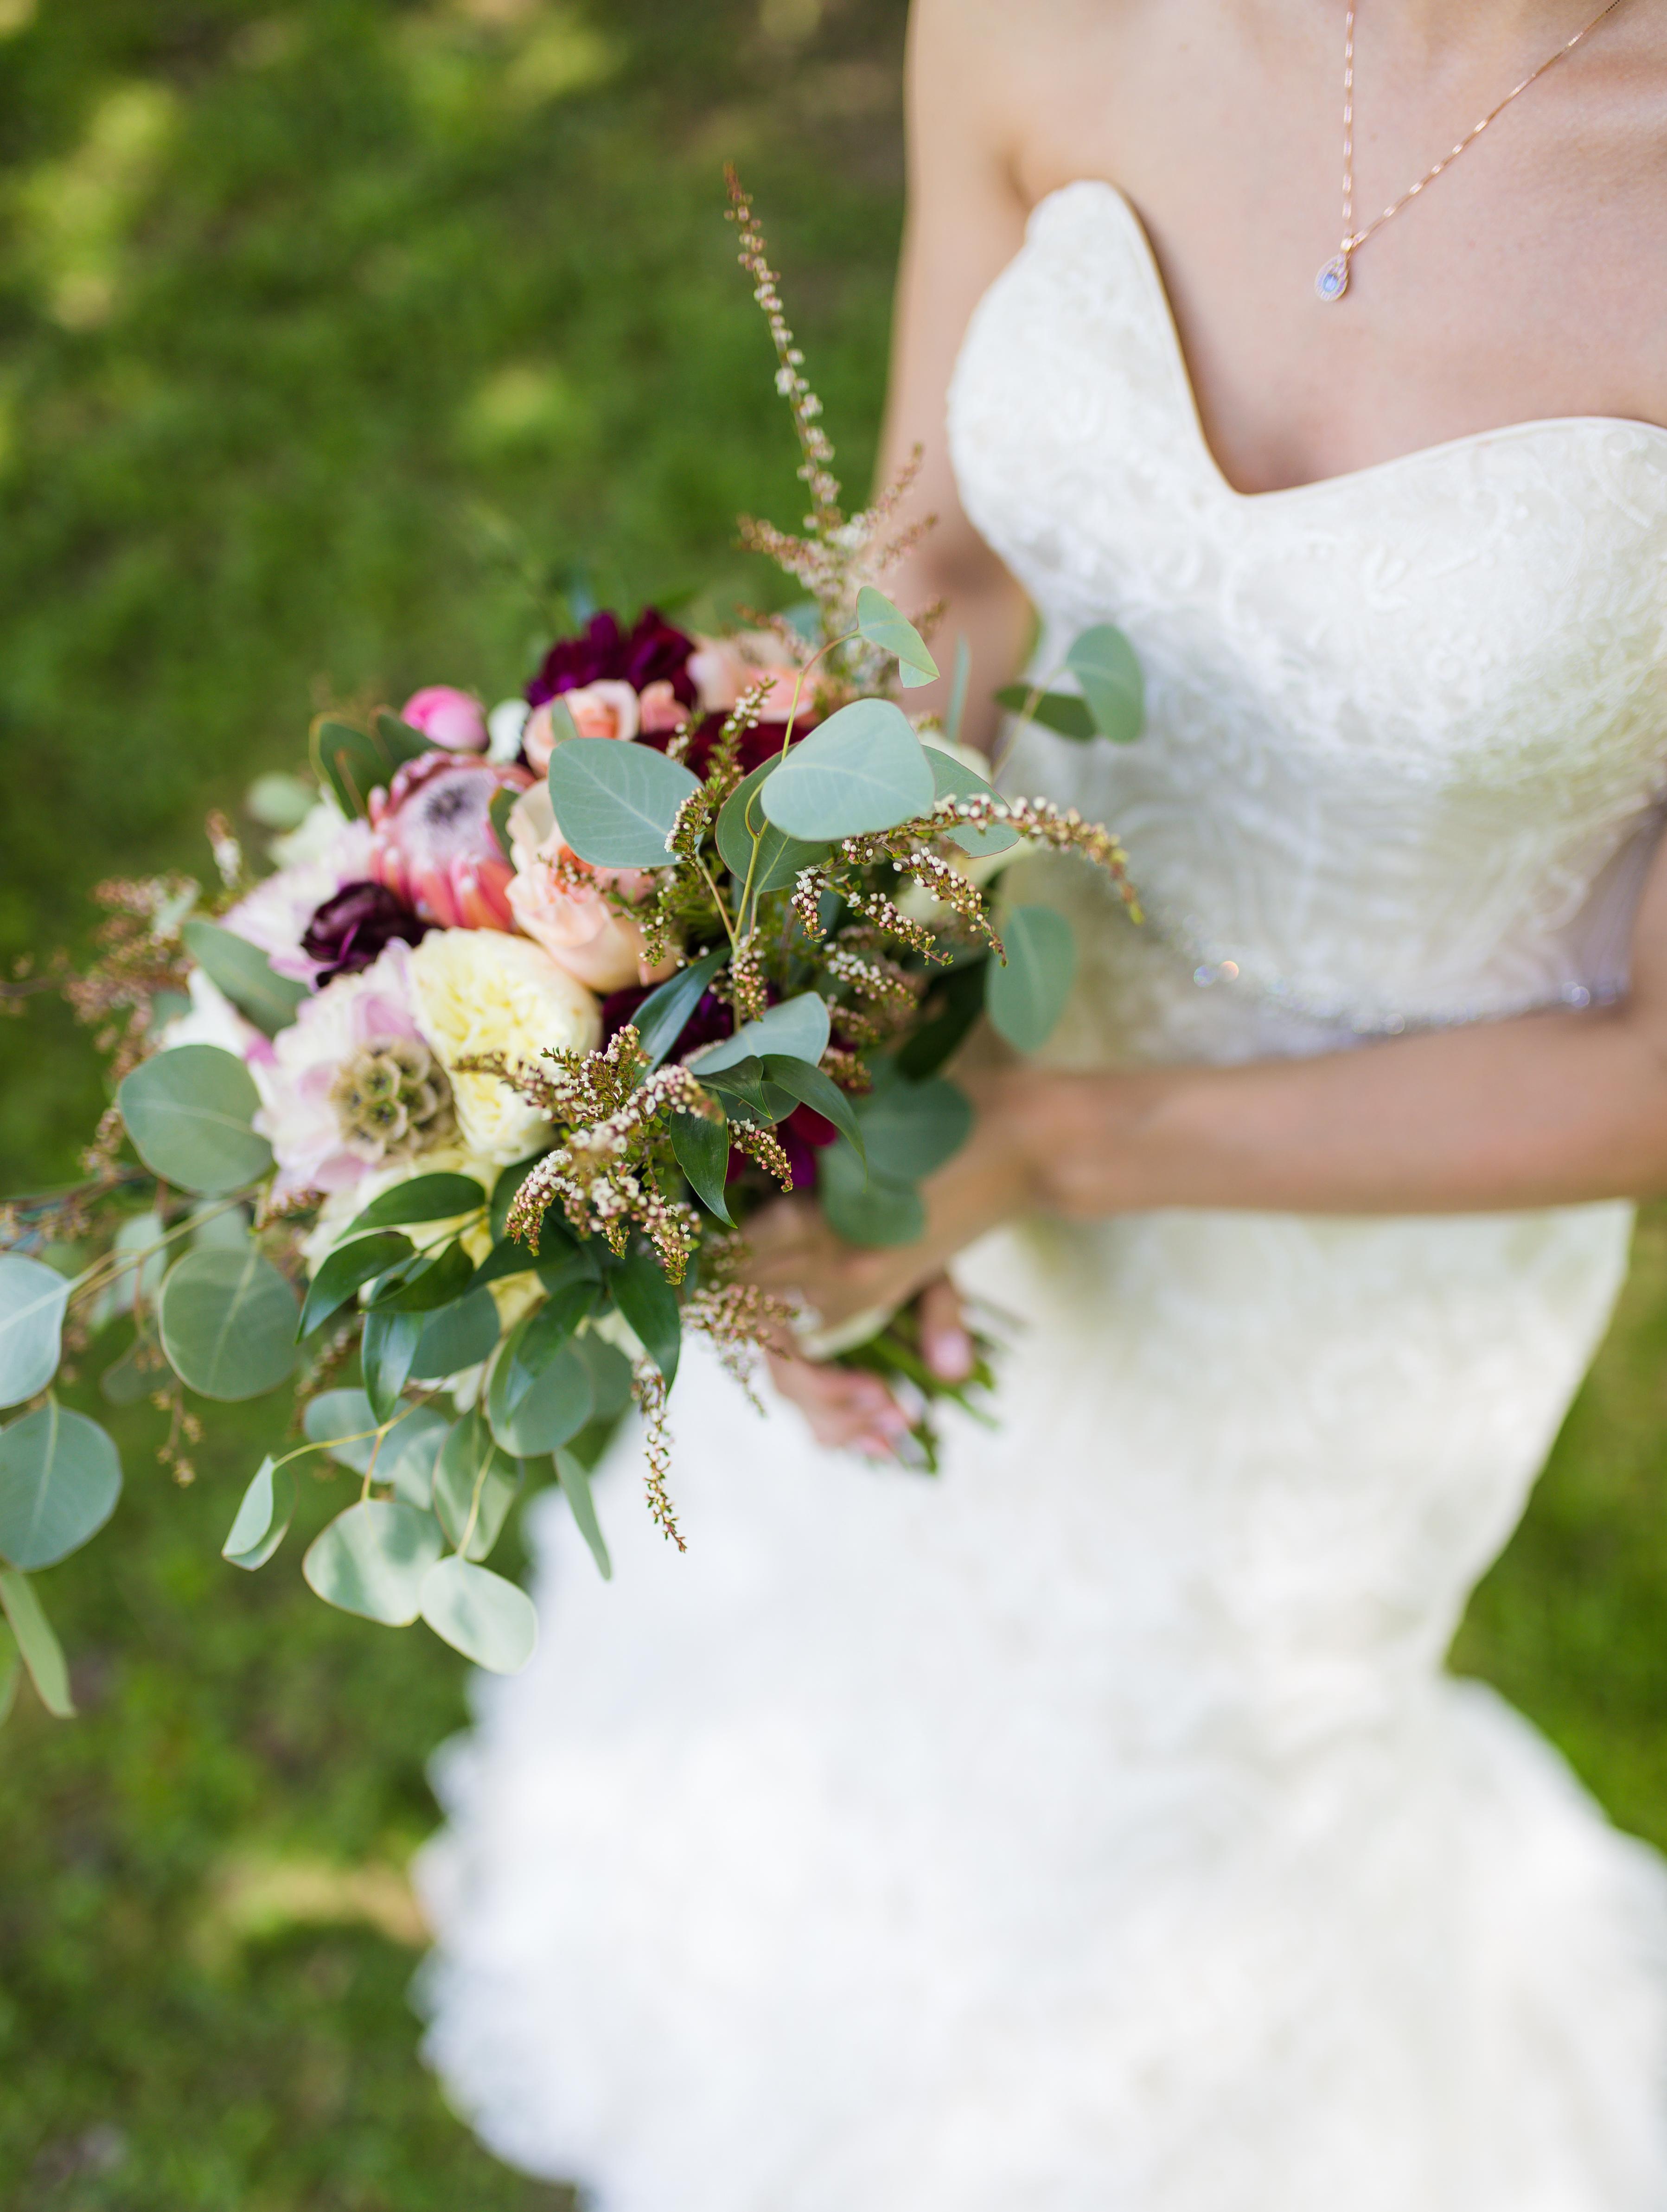 twincities wedding photography east oaks photography wedding photo (14)